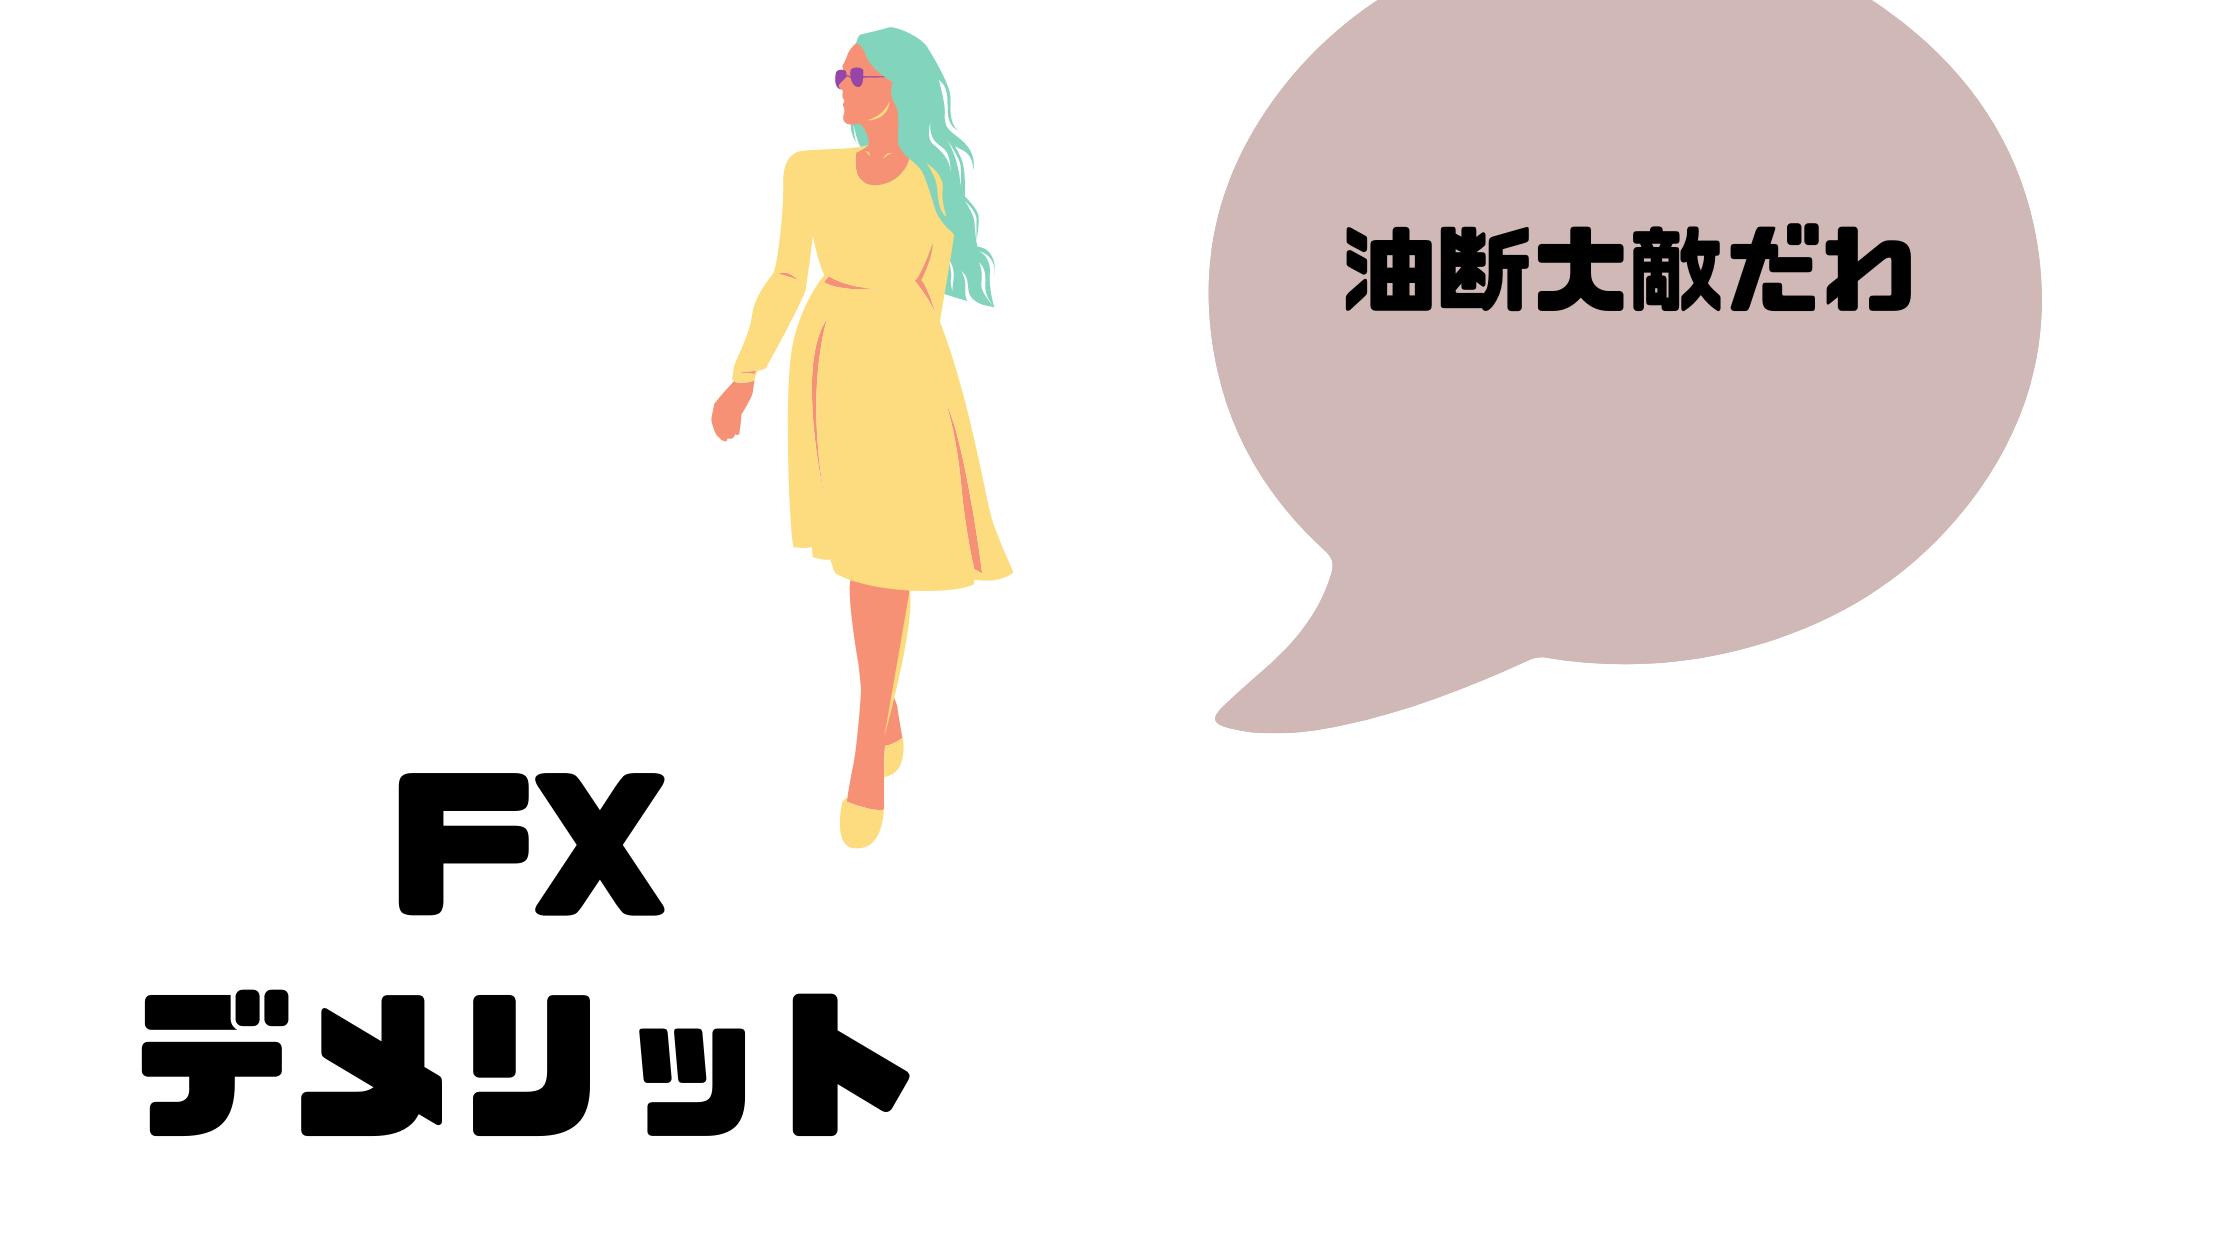 FX_副業_デメリット